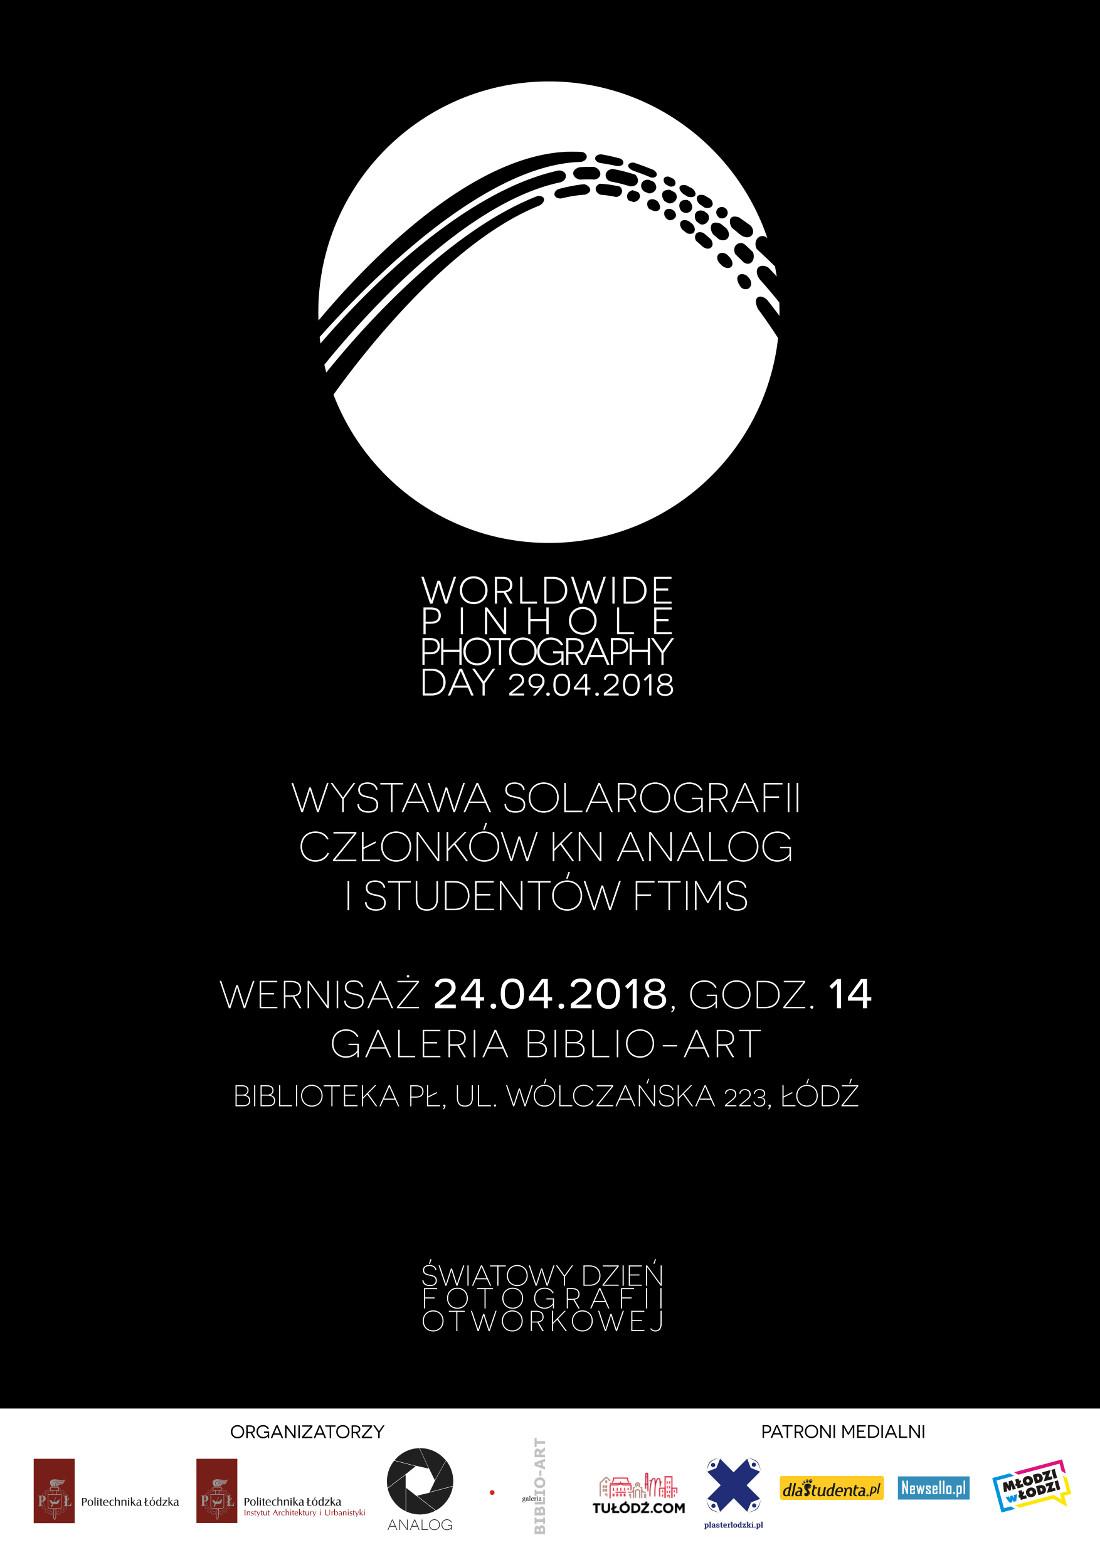 Wystawę będzie można odwiedzić w dniach 24.04.2018-3.05.2018.